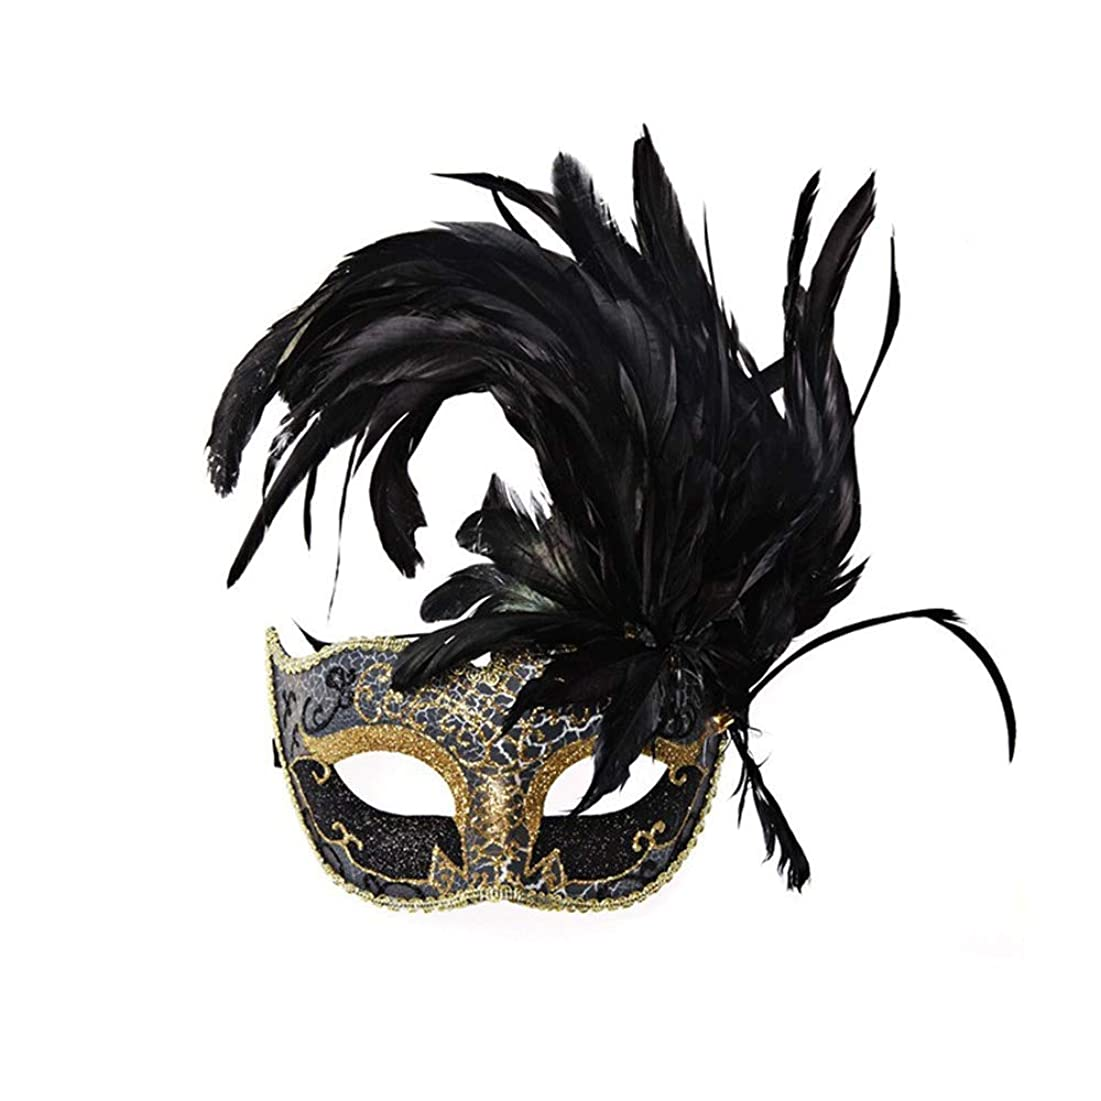 返済一人で母性Nanle ハロウィンマスクハーフフェザーマスクベニスプリンセスマスク美容レース仮面ライダーコスプレ (色 : Style A black)